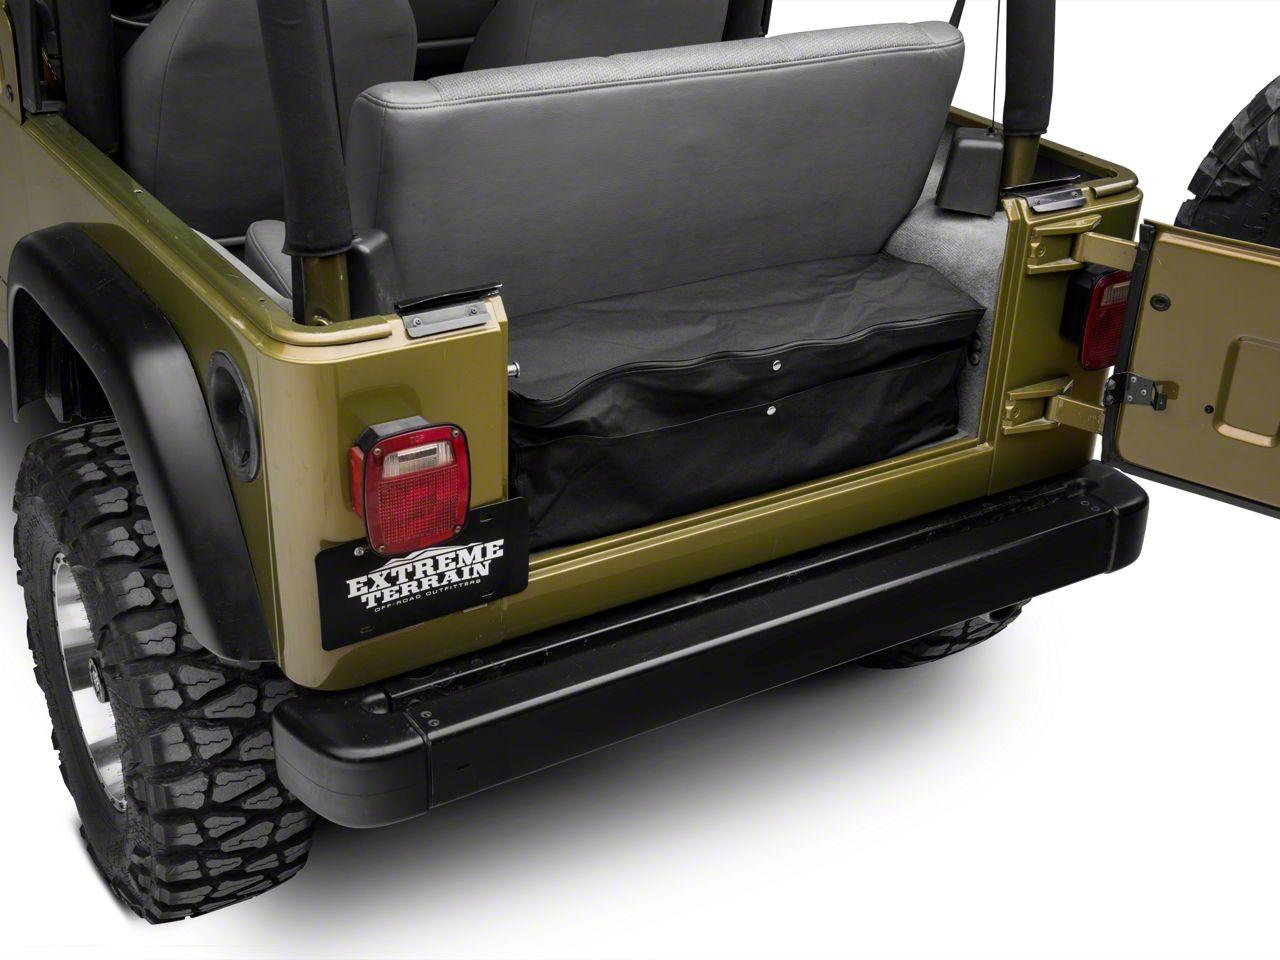 2007-2018 JK Jeep Wrangler Rear Cargo Storage  sc 1 st  Extreme Terrain & 2007-2018 JK Jeep Wrangler Rear Cargo Storage | ExtremeTerrain ...